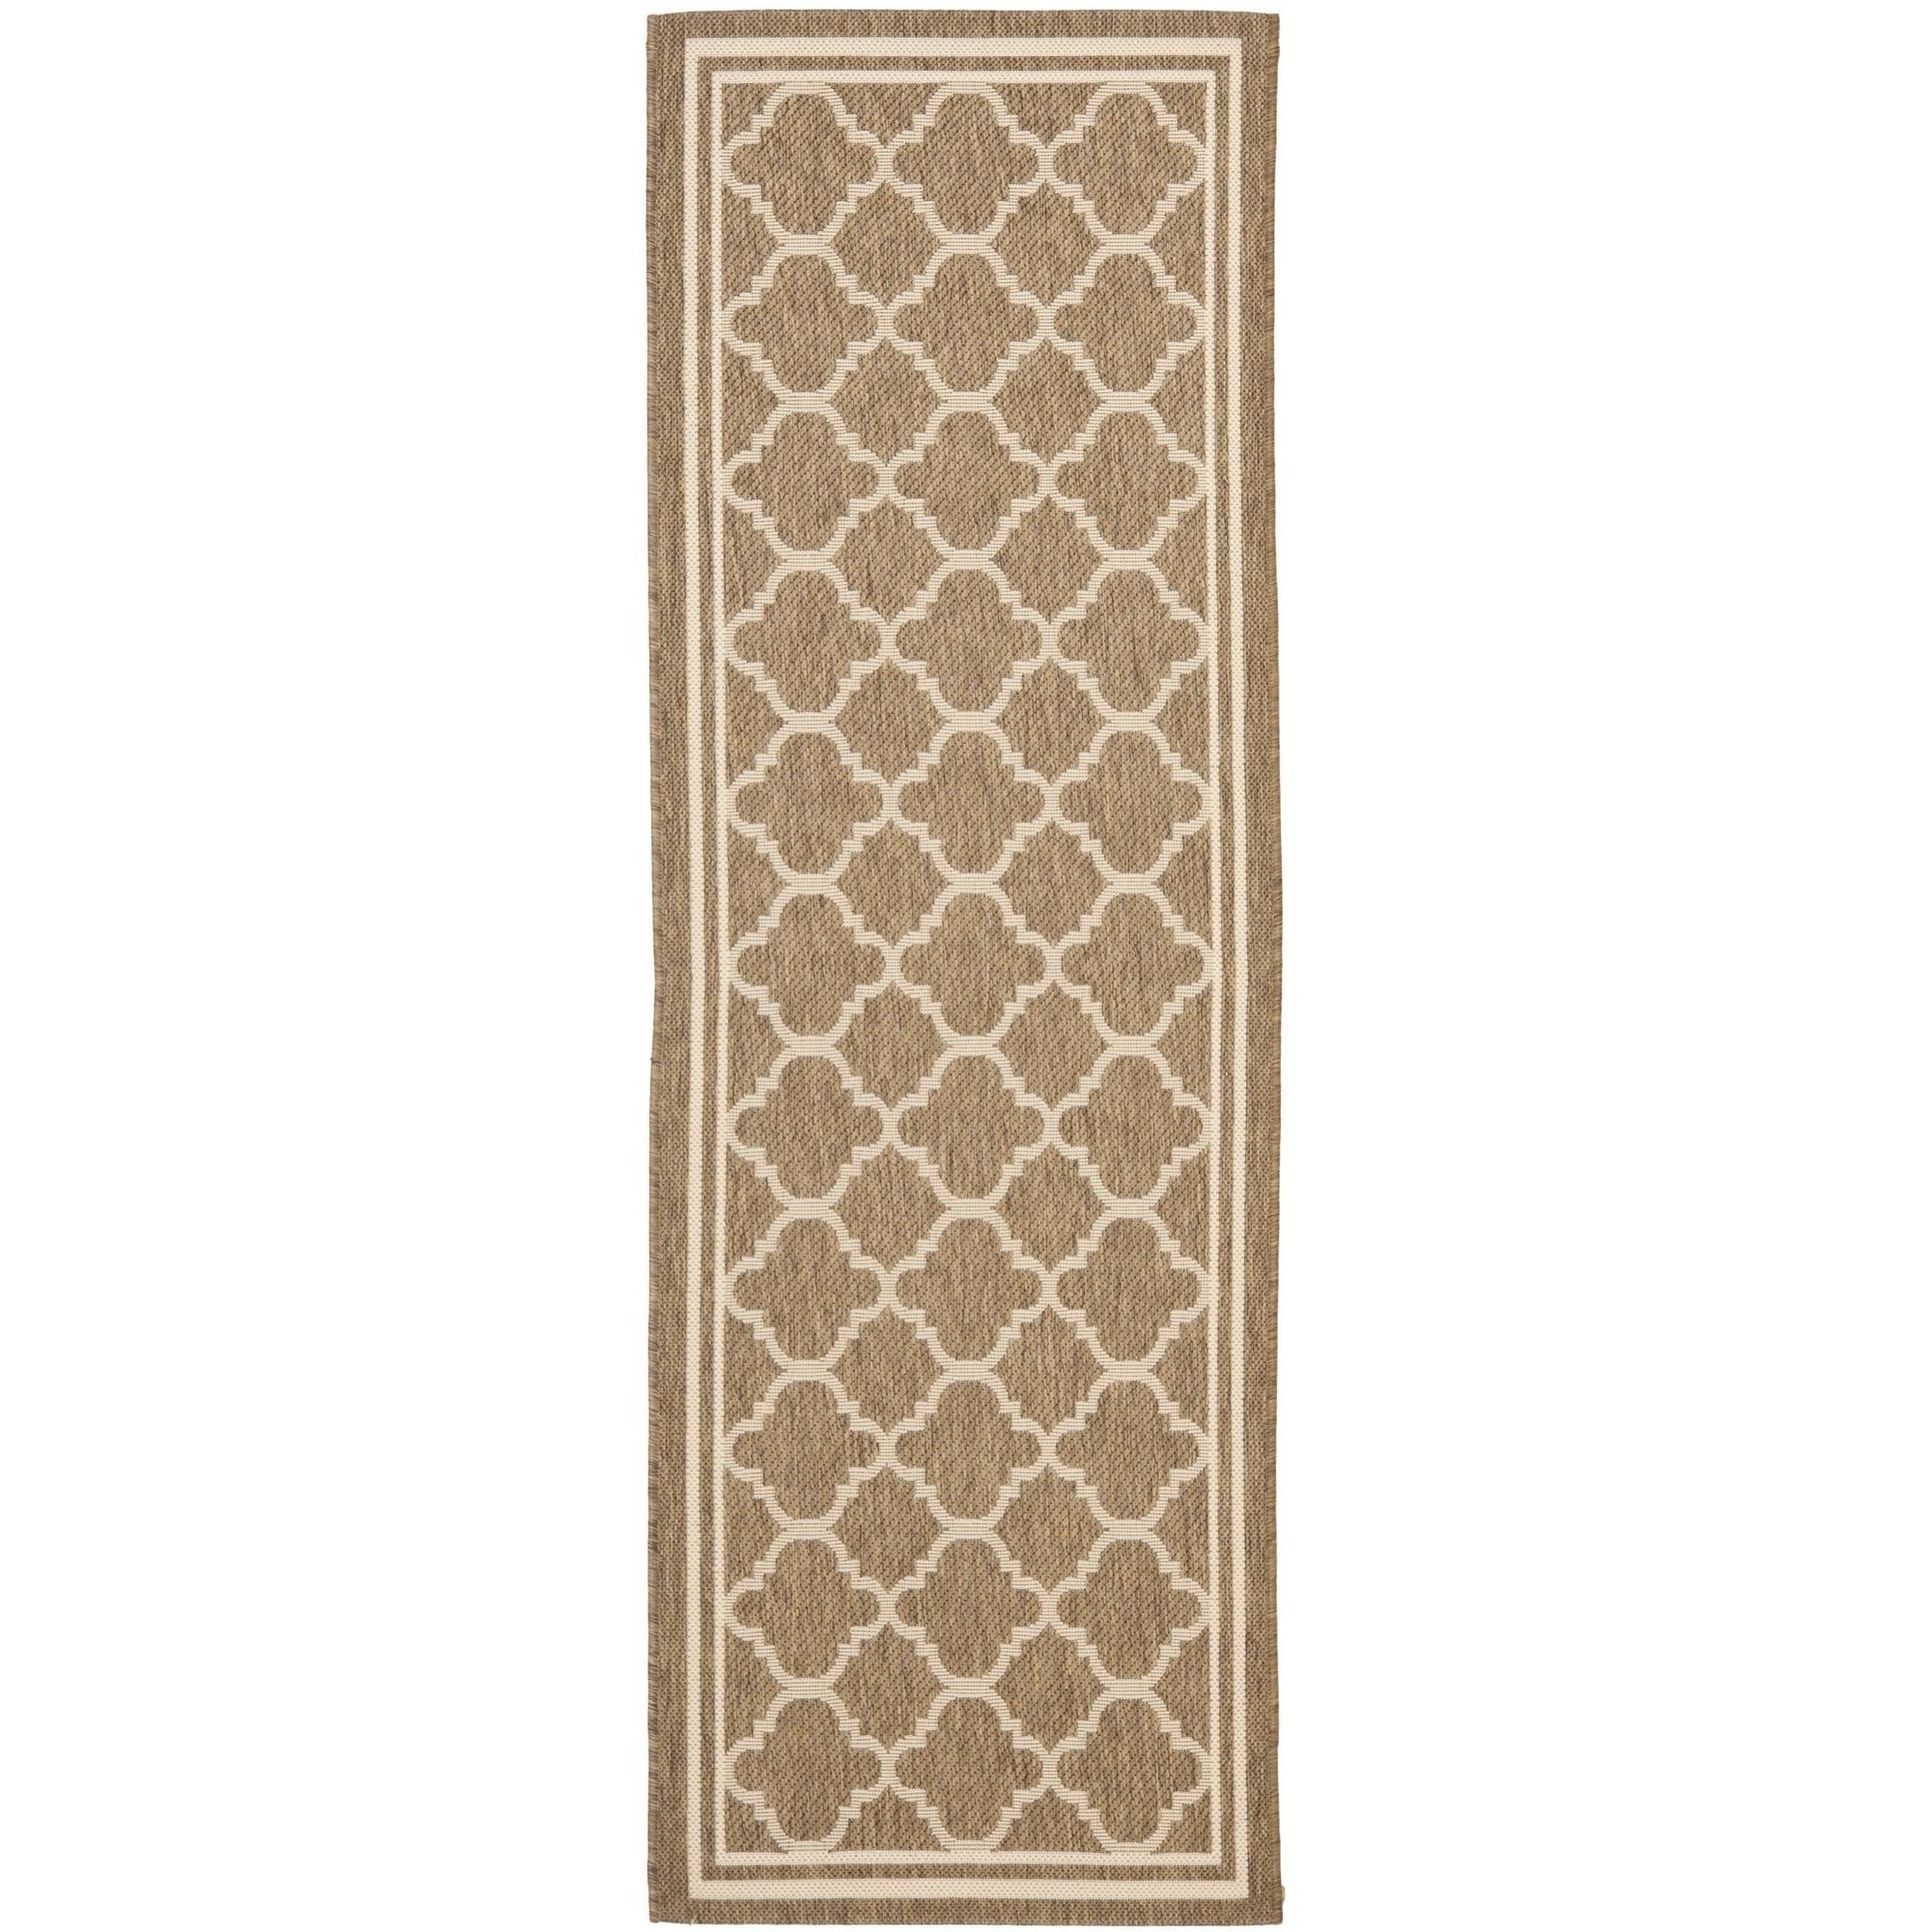 Safavieh Indoor/ Outdoor Courtyard Brown/ Bone Rug (23 X 16)